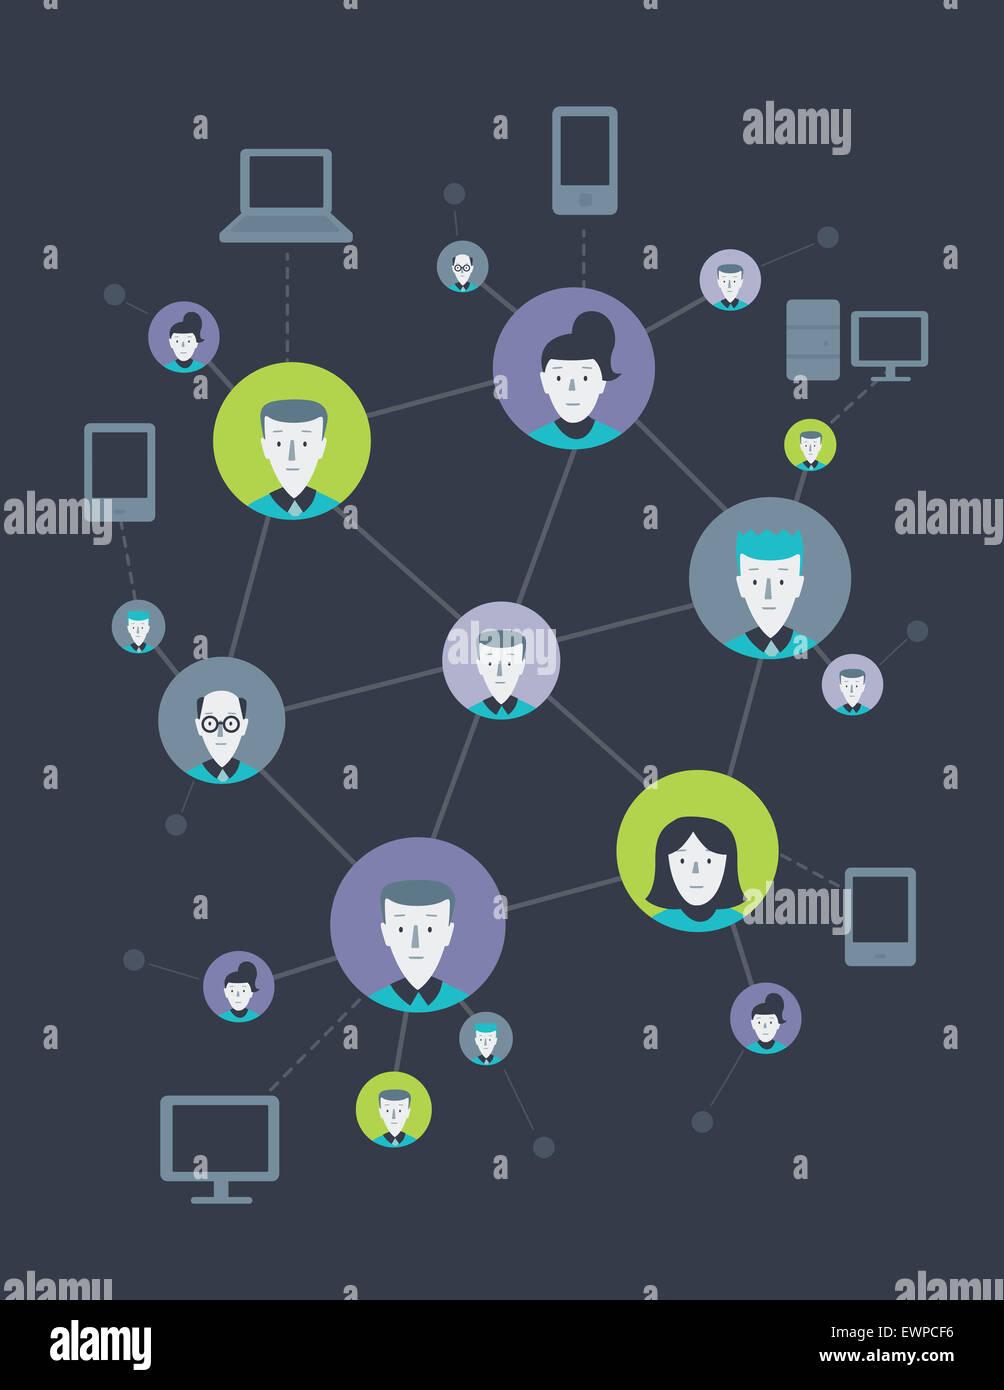 Imagen ilustrativa de personas conectadas unas con otras que representan las redes sociales Imagen De Stock